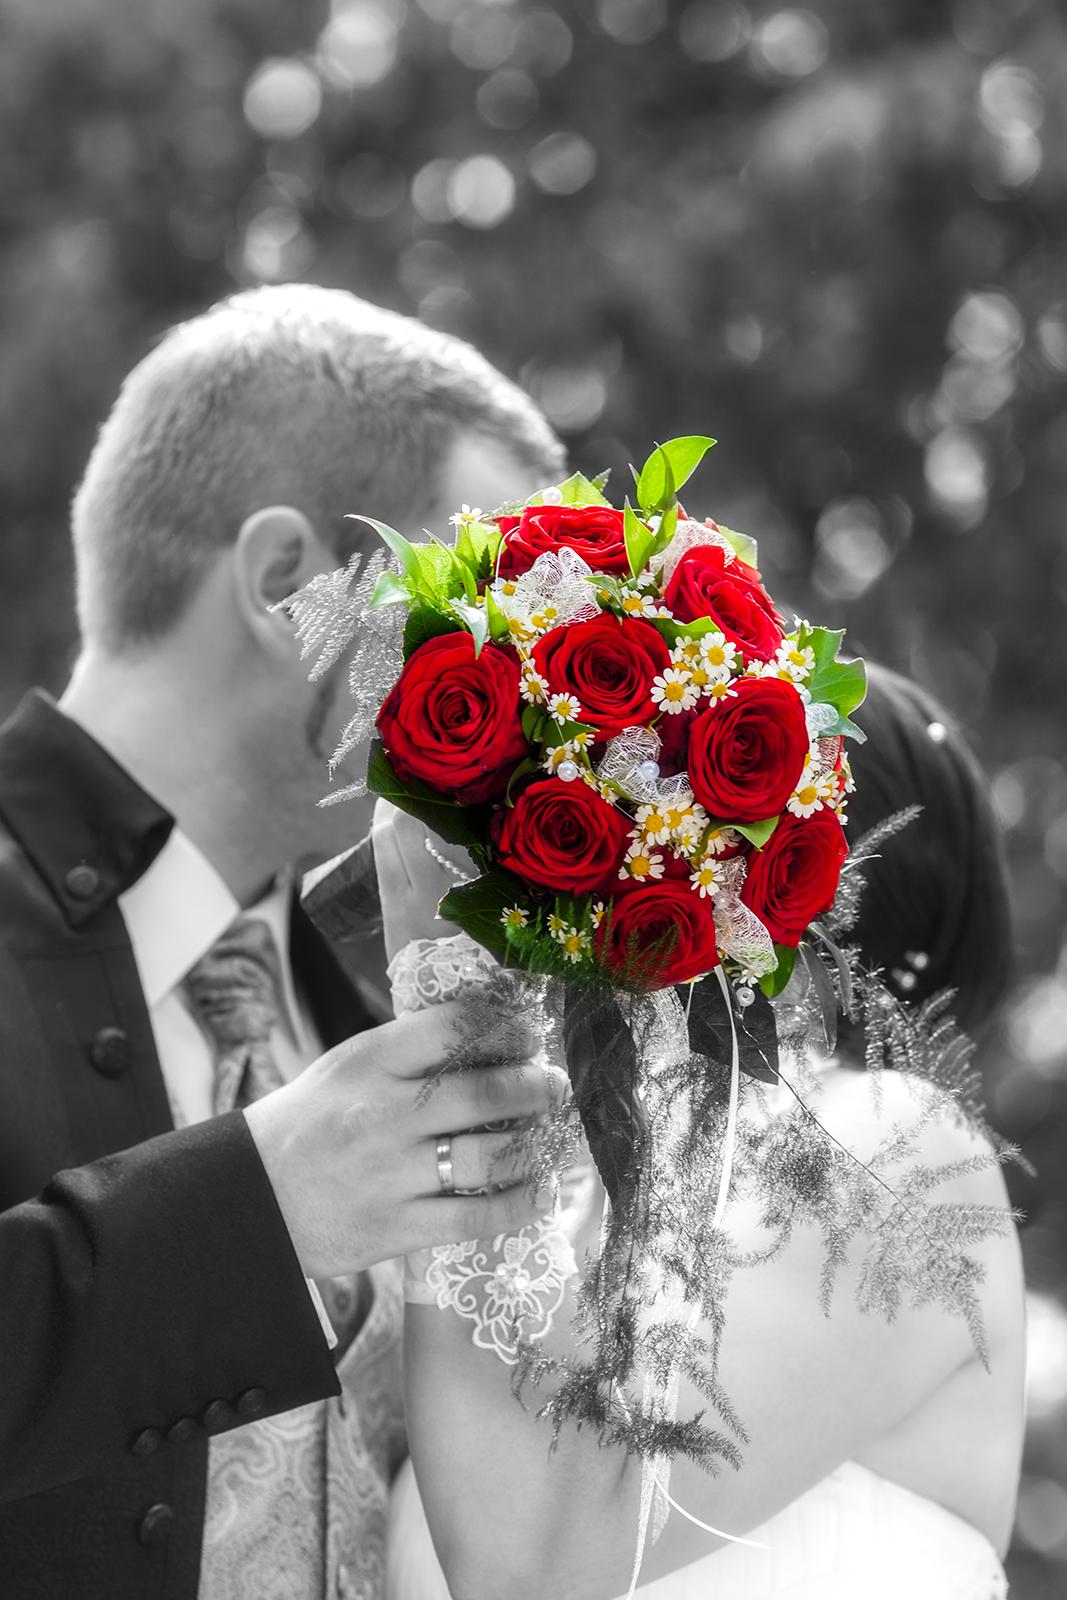 Hochzeitsfoto mit Brautpaar und Brautstrauß